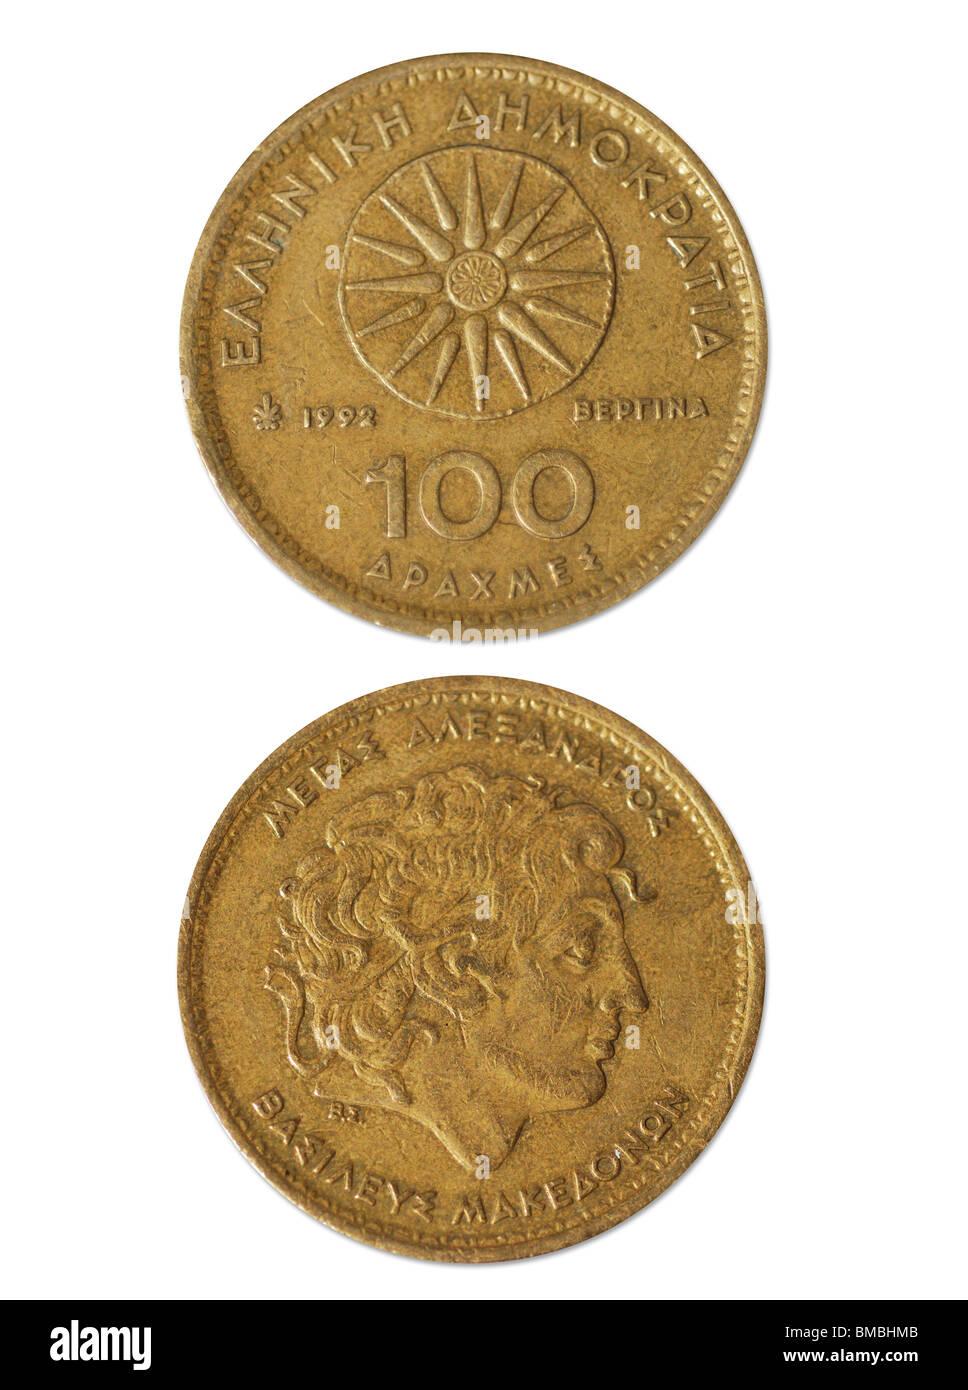 100 Drachmen Grecia antigua dinero Foto de stock